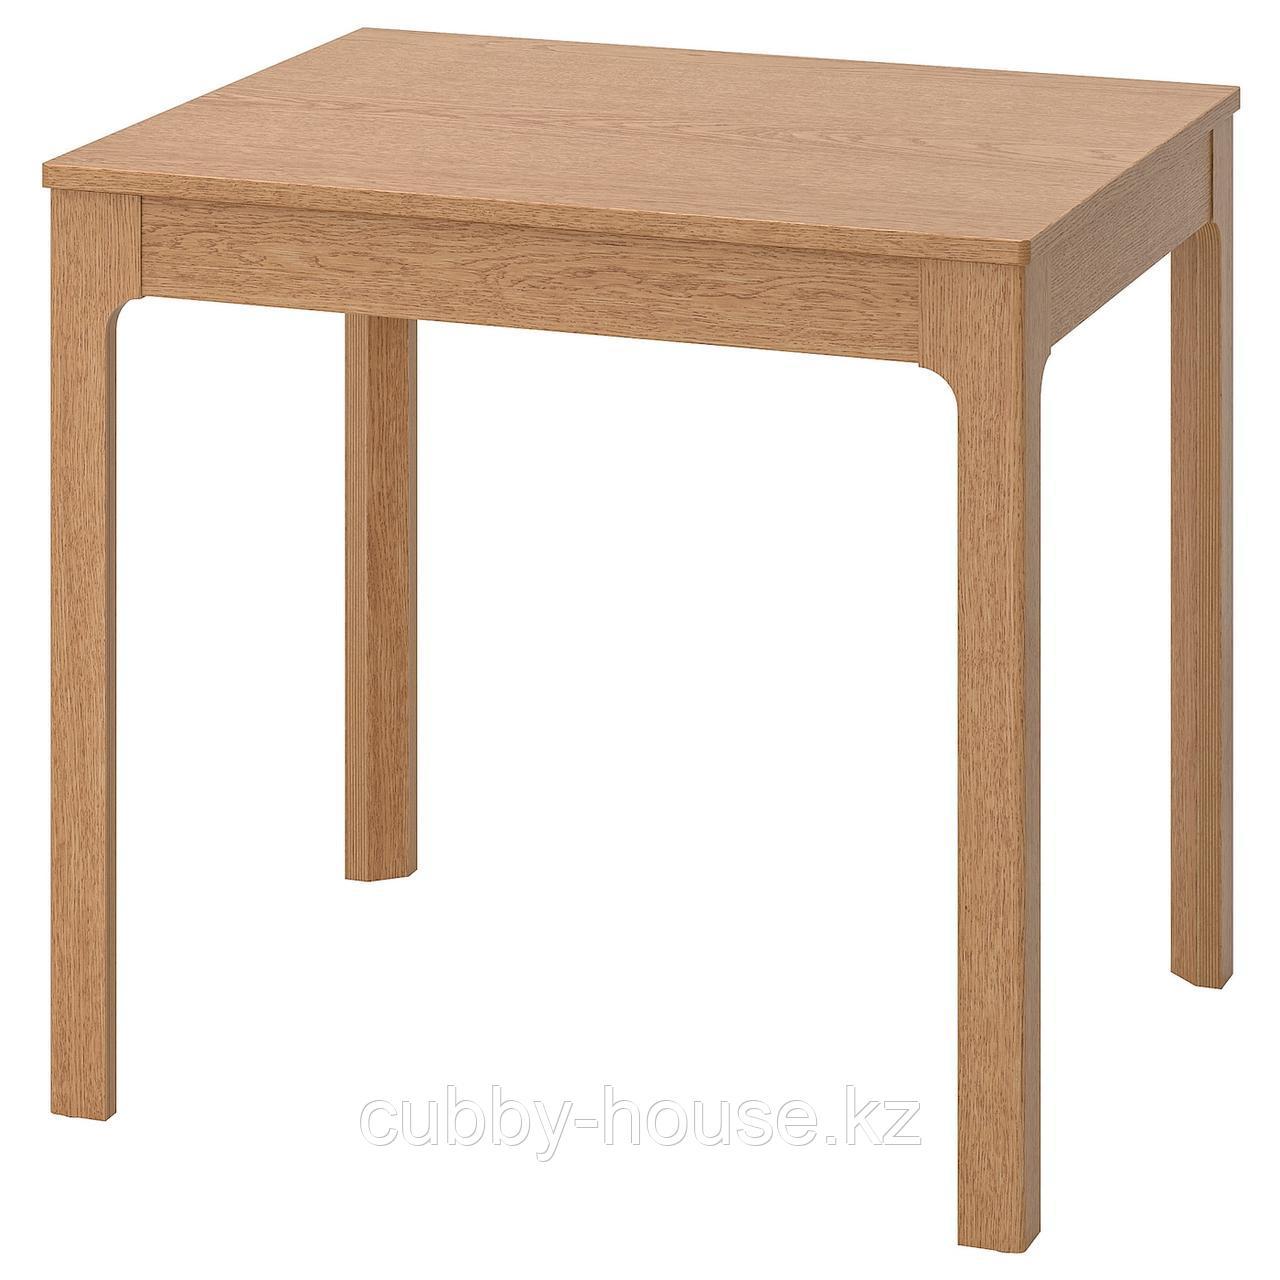 ЭКЕДАЛЕН Раздвижной стол, дуб, 80/120x70 см